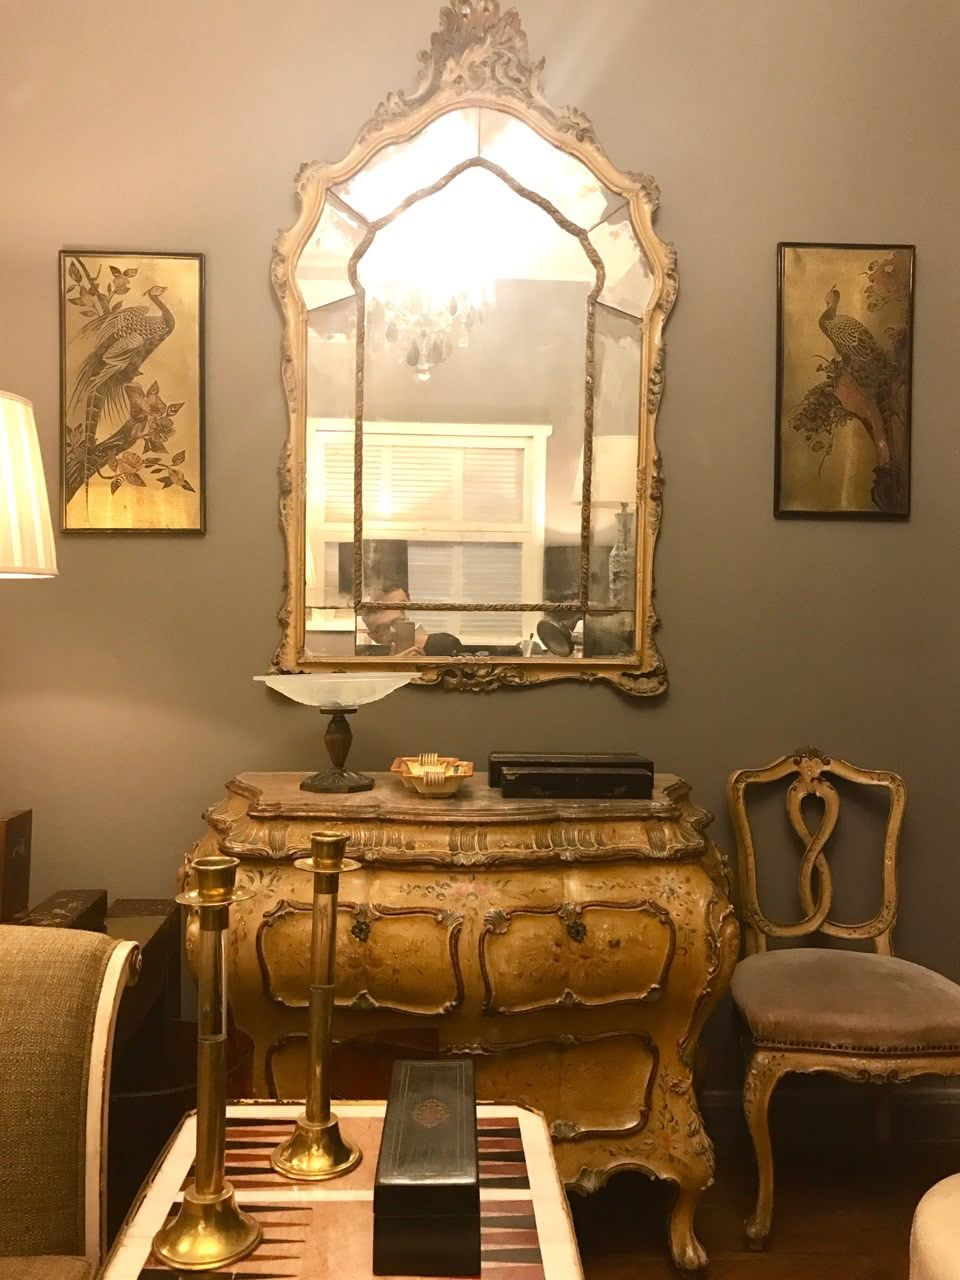 Comoda , espelho e cadeira venezianas no estilo Neo Rococó Itália final sec XIX